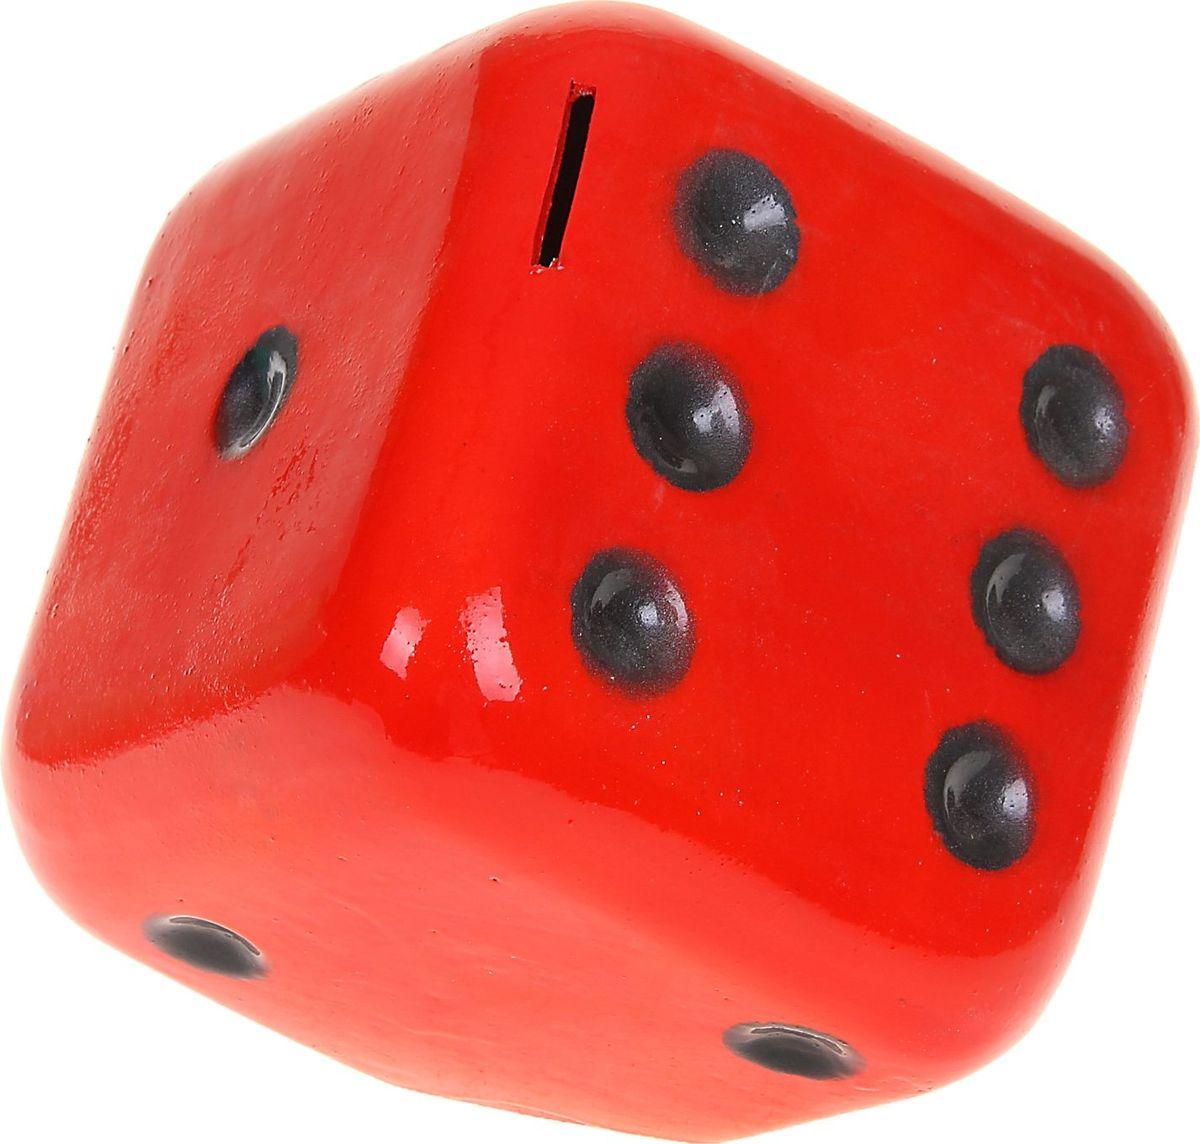 Копилка Керамика ручной работы Кубик, цвет: красный, 14 х 14 х 14 см1067106Каждая хозяйка знает, что в ведении домашнего хозяйства важную роль играет умение накапливать средства.Поставьте копилку на видное место, и она не только будет хранить деньги, но и станет стильным элементом интерьера.Обращаем ваше внимание, что копилка является одноразовой.